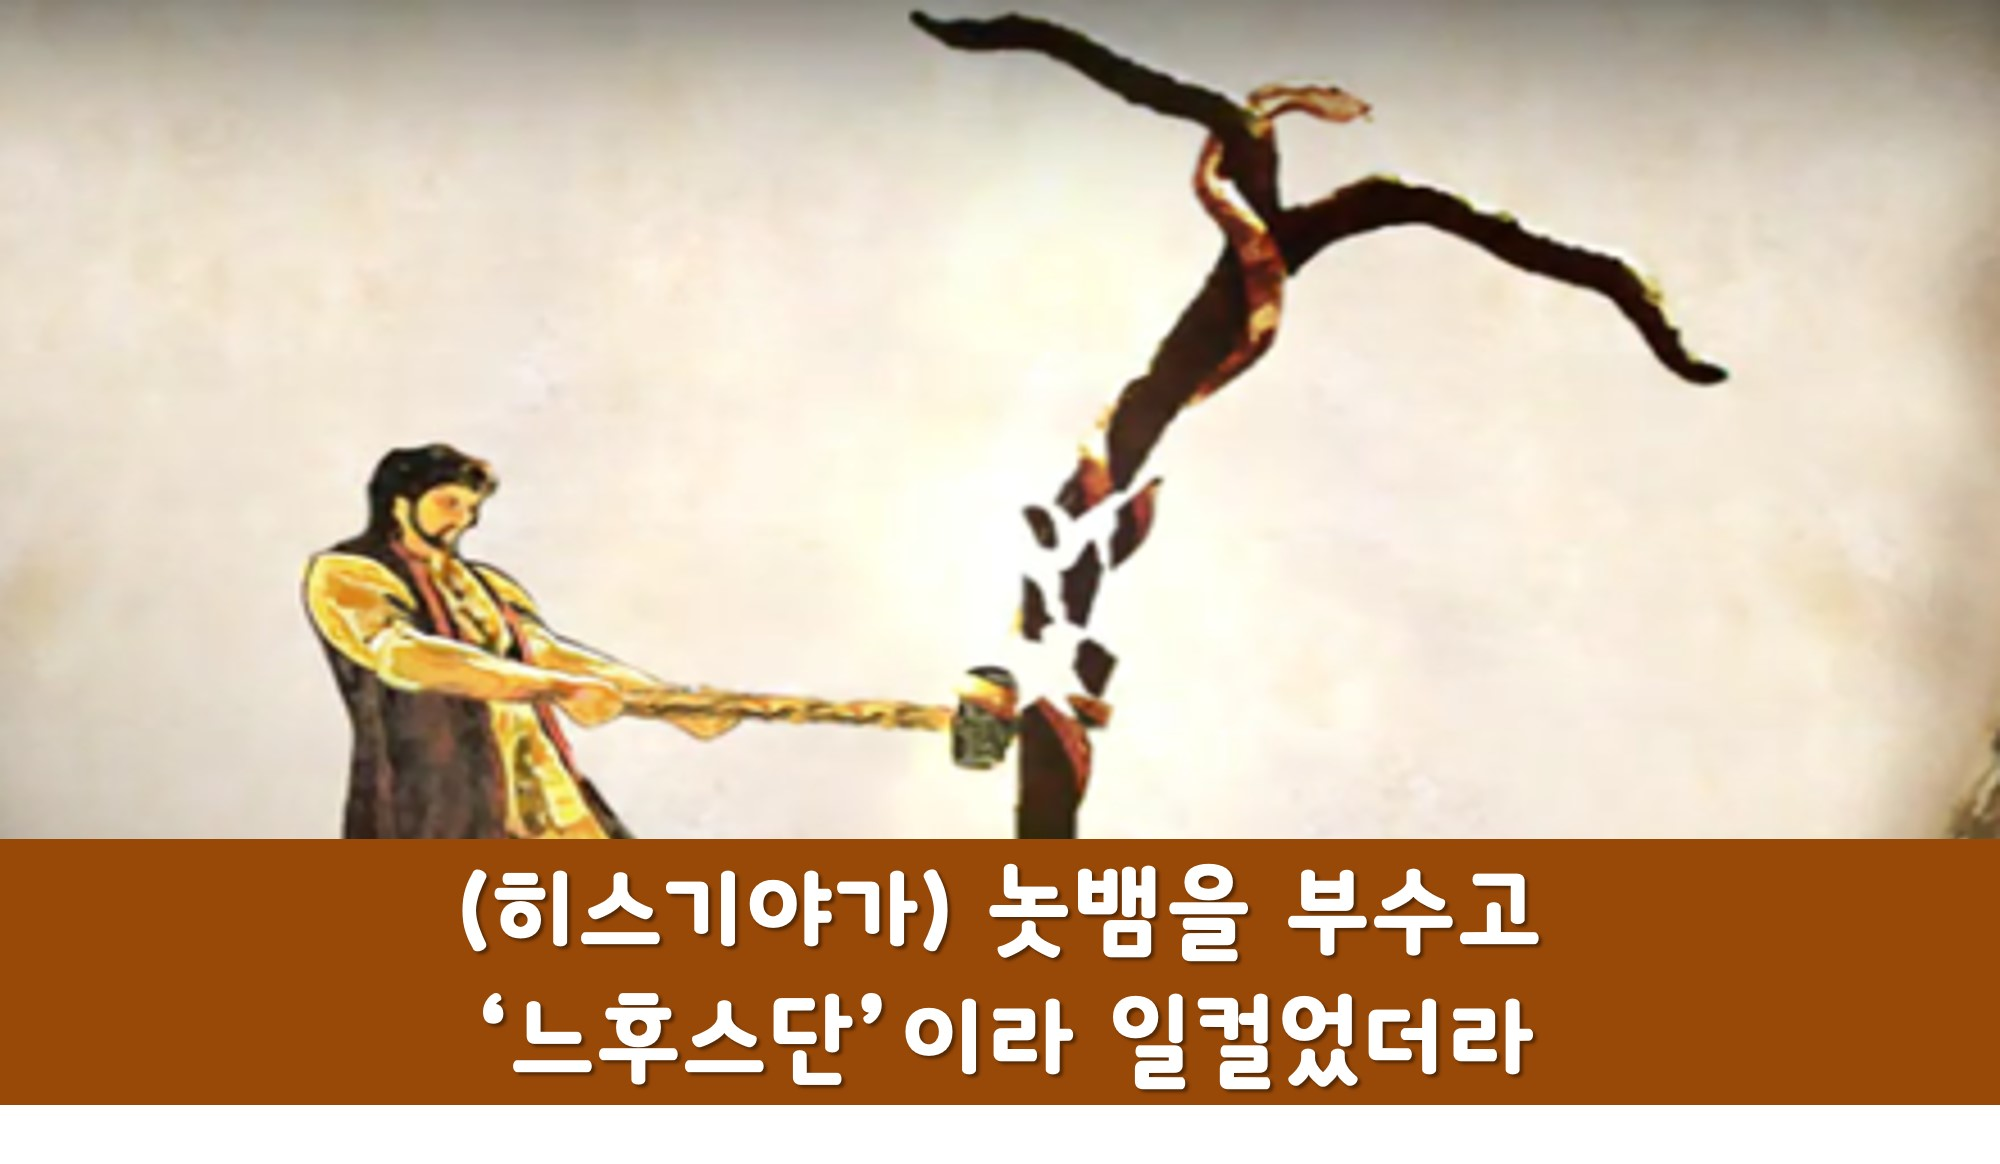 그림1.jpg